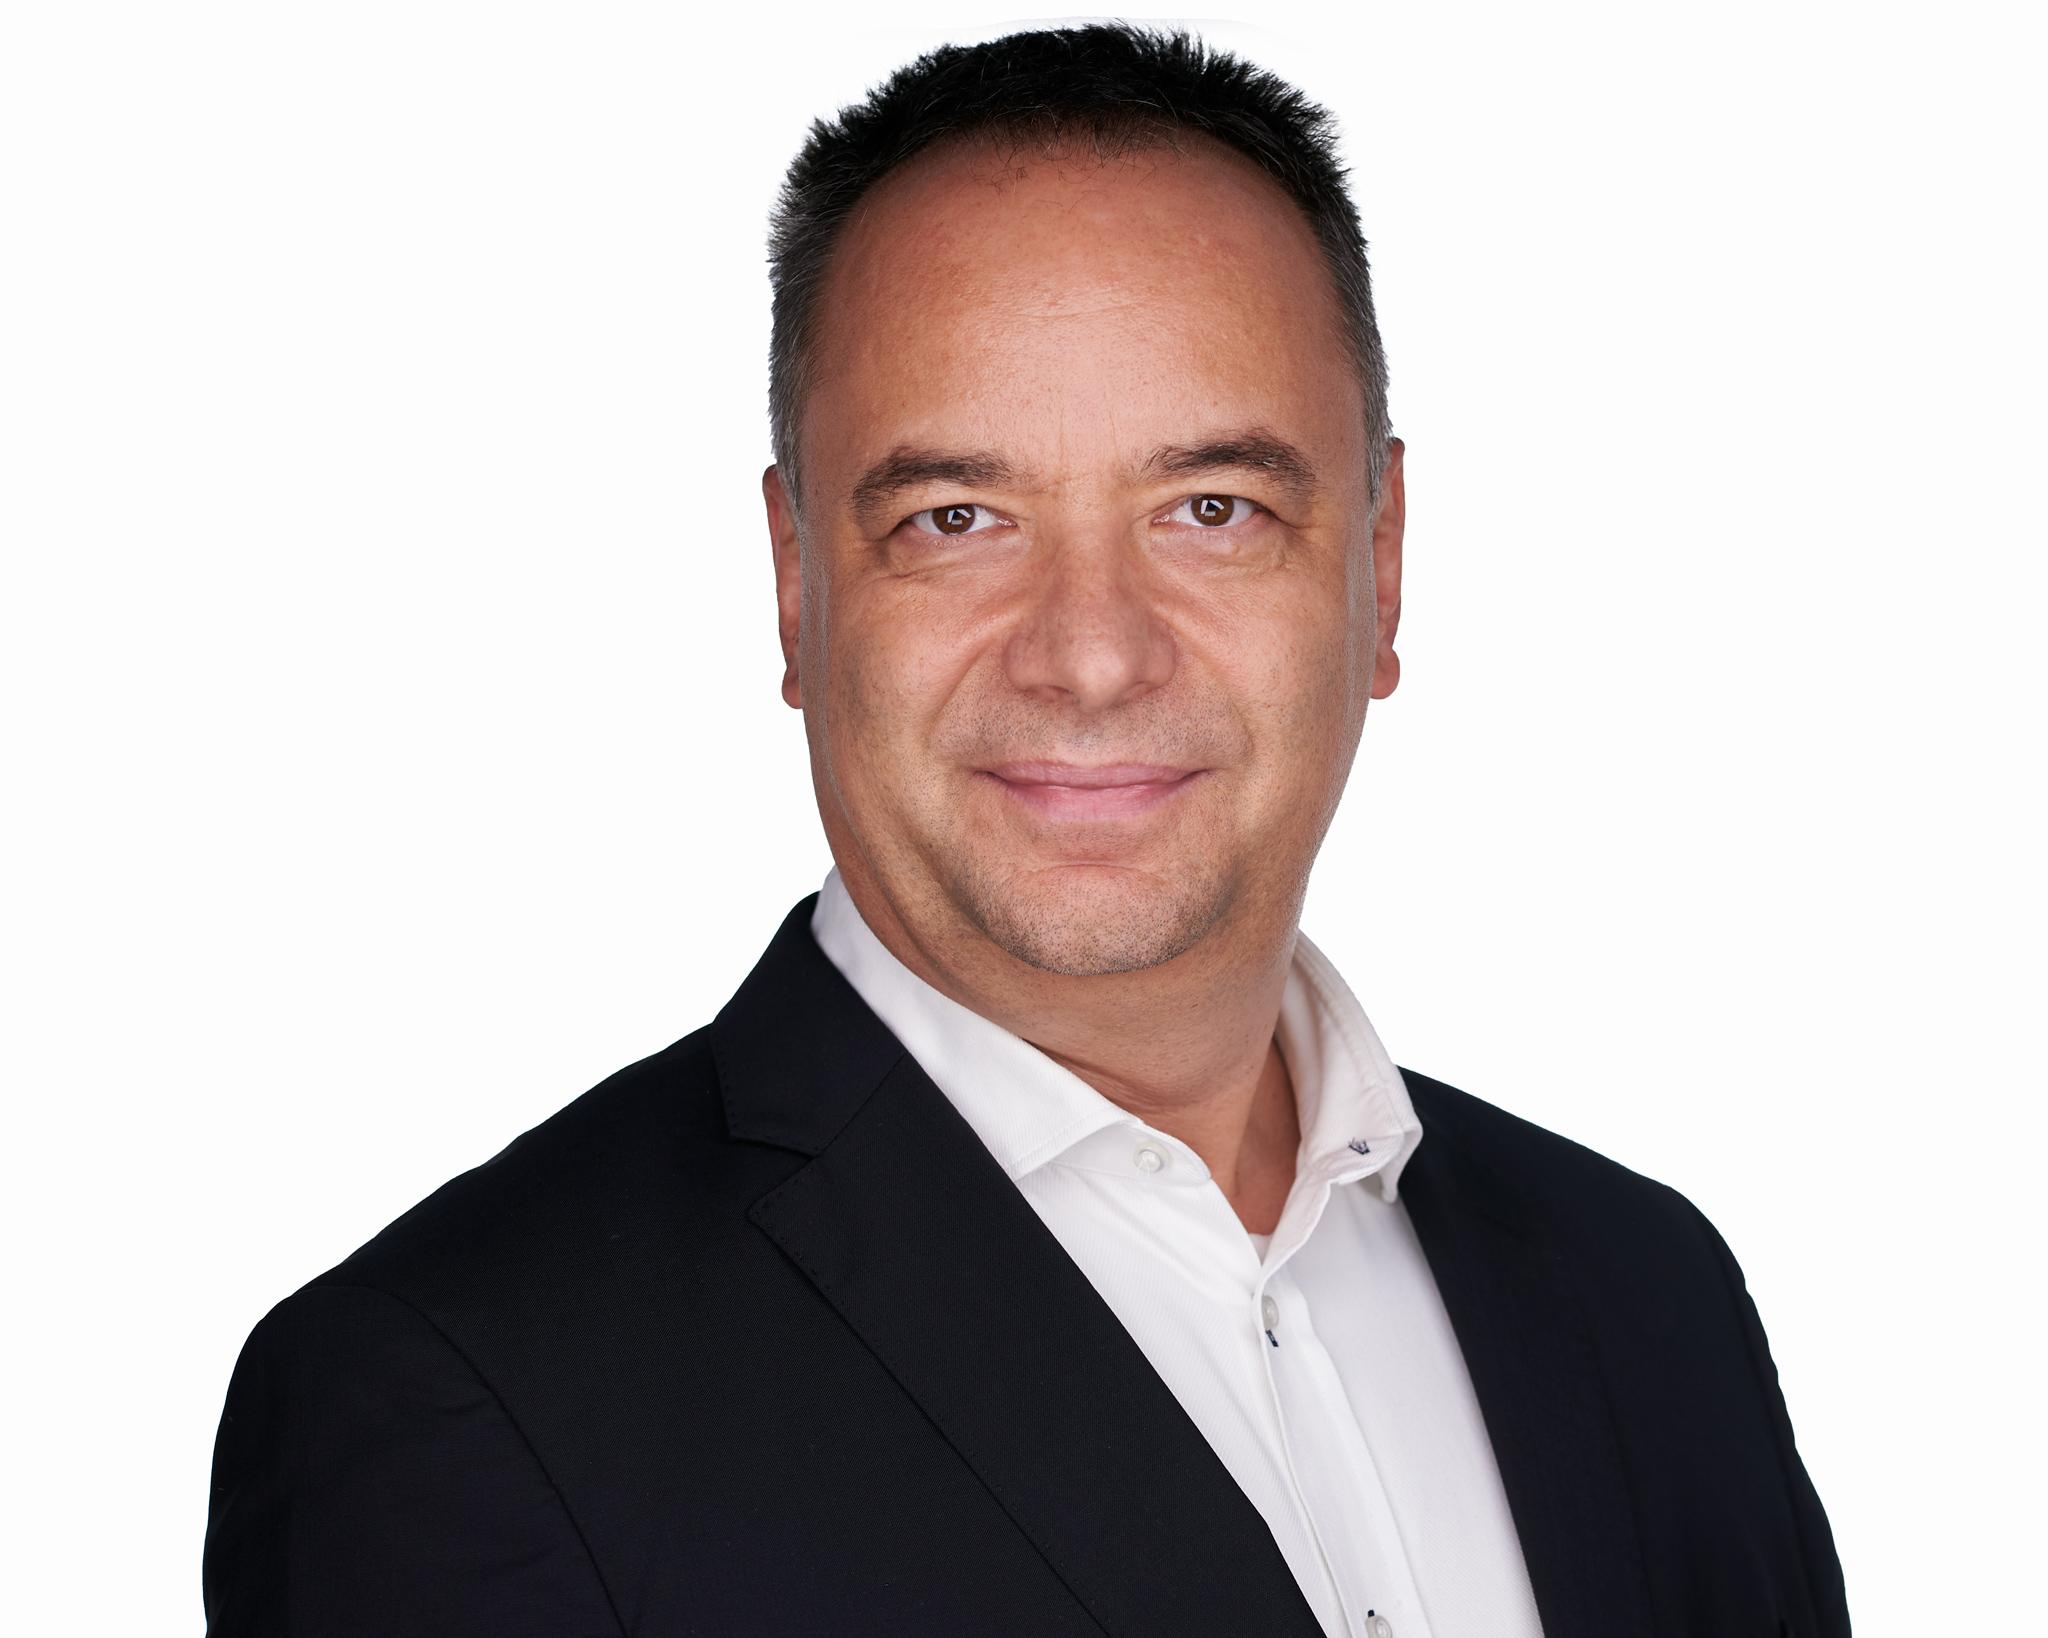 Csaba Szeredy